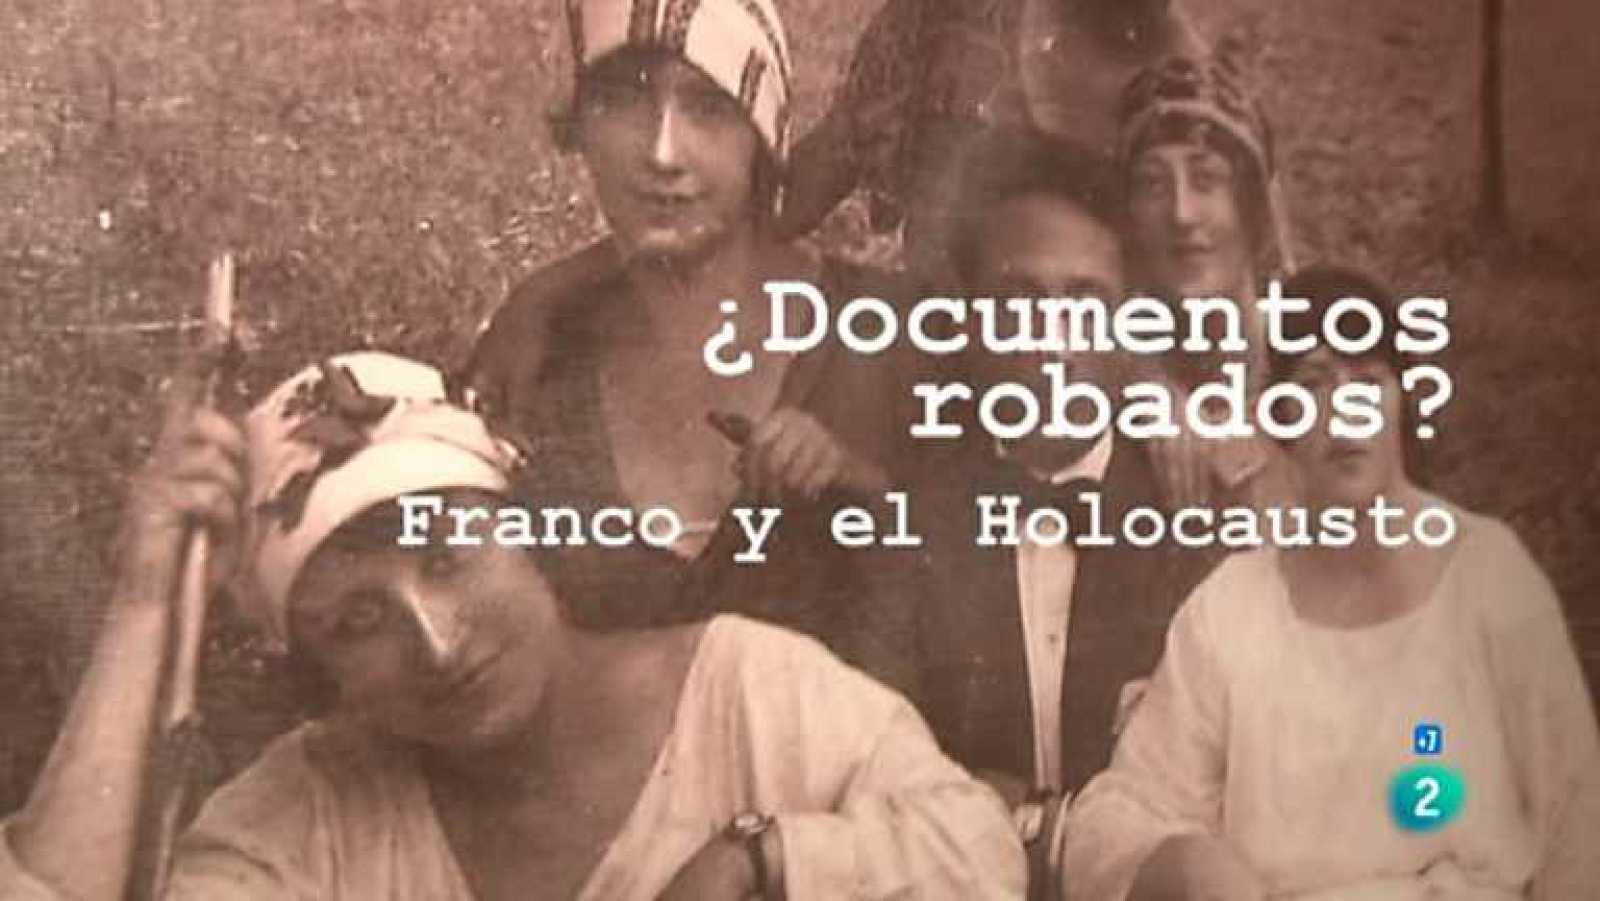 Archivos Tema - ¿Documentos robados? Franco y el Holocausto - Ver ahora